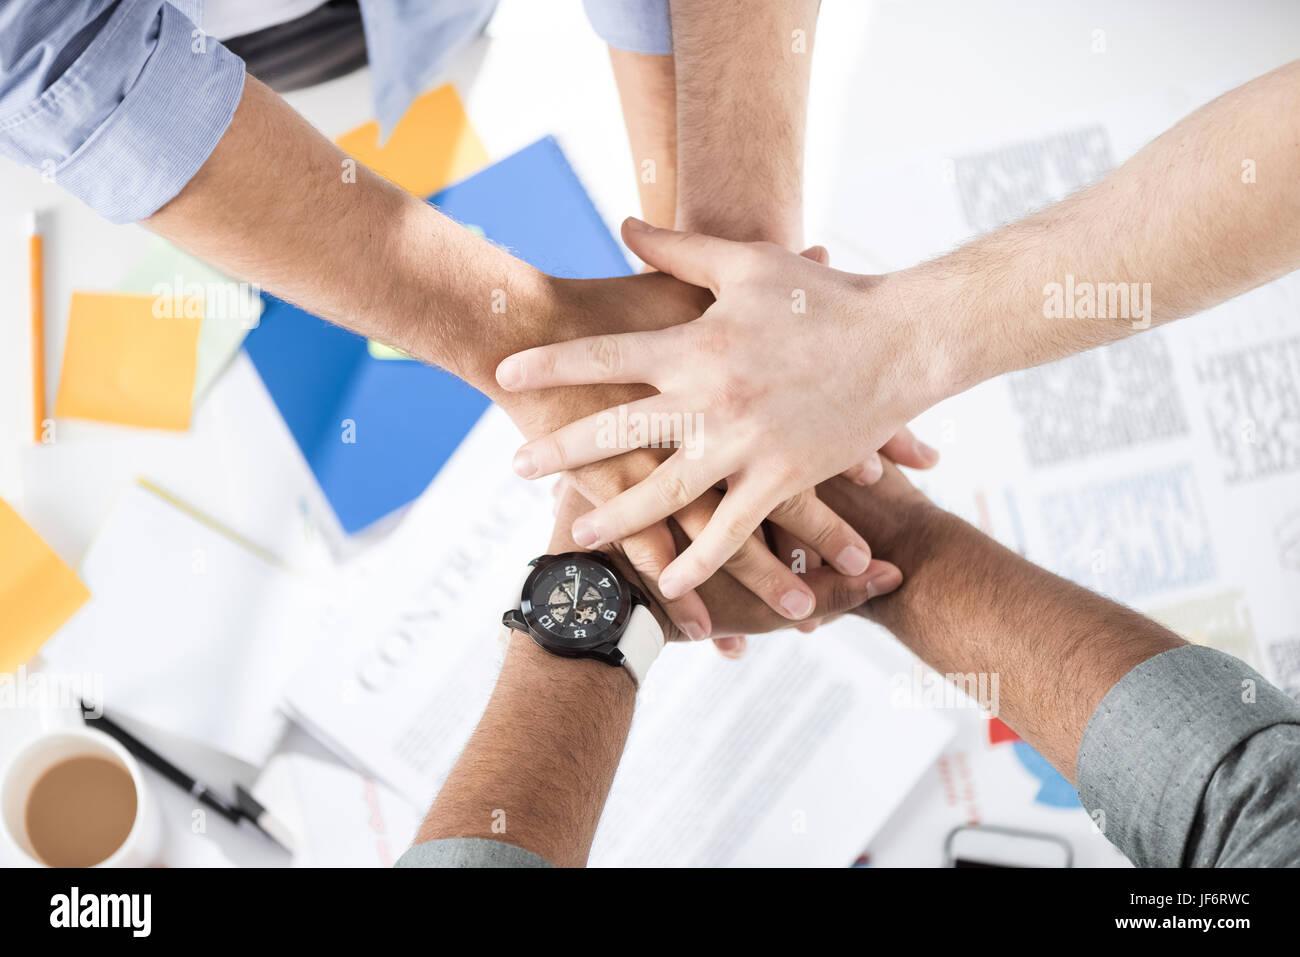 Vista parcial de cerca de empresarios apilar las manos mientras trabajan en el proyecto juntos, concepto de trabajo Imagen De Stock